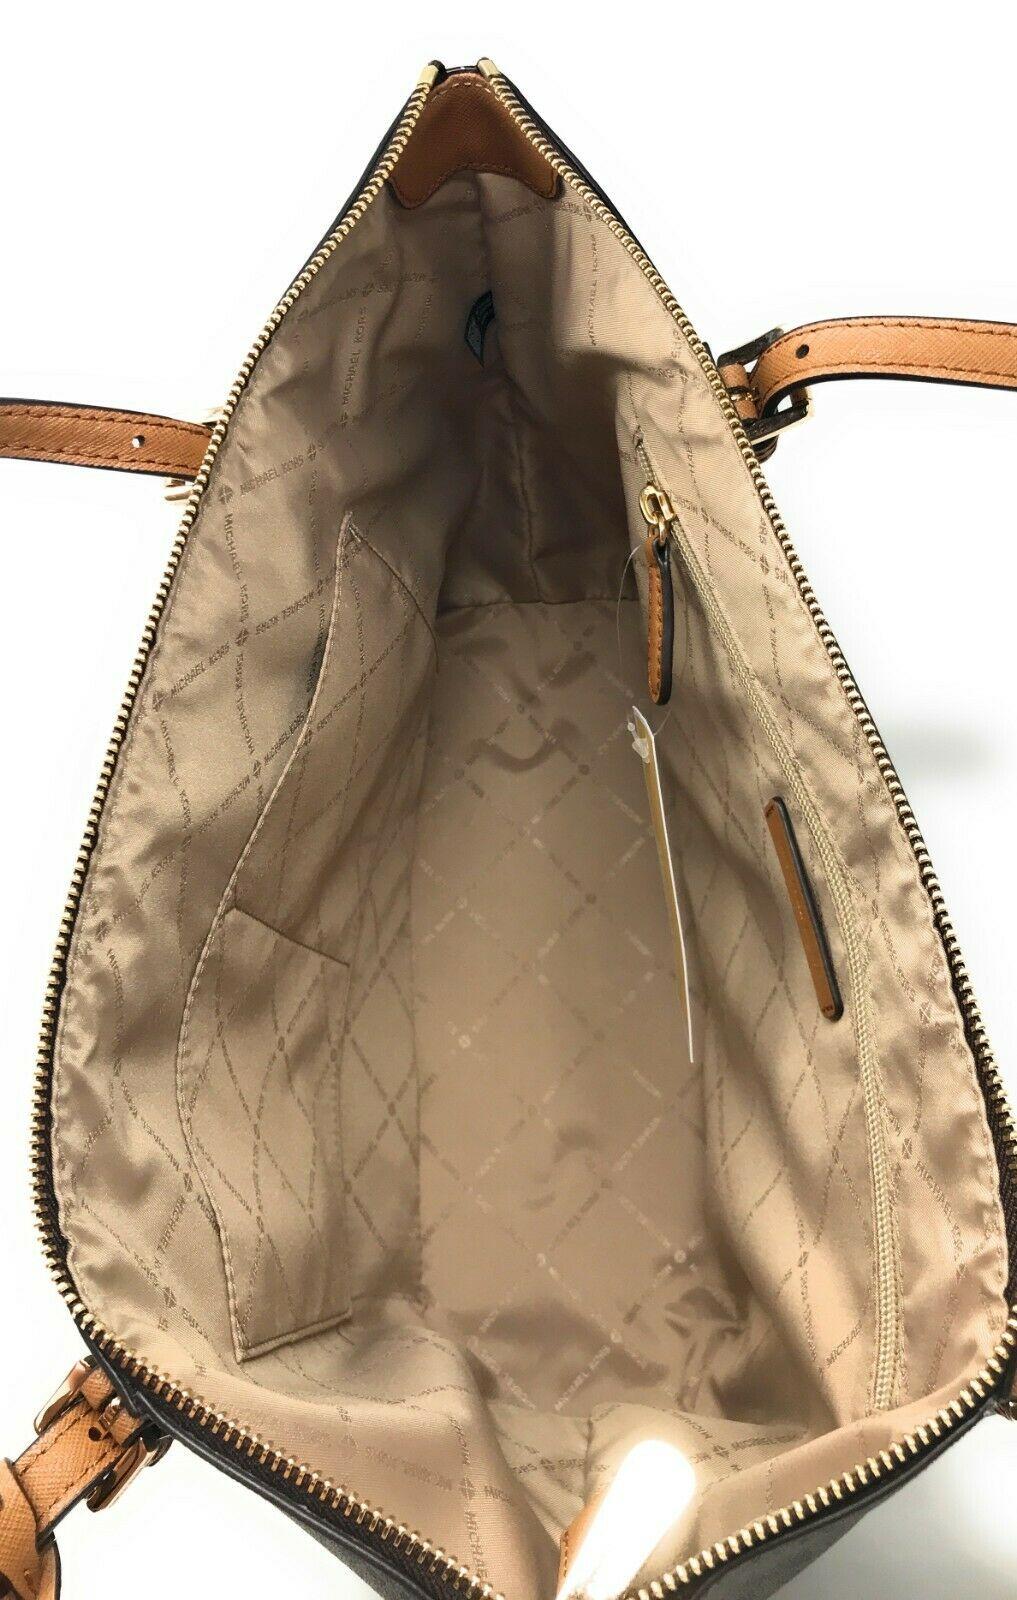 Túi xách Michael Kors đeo vai size lớn Ciara Large Brown Signature Tote, giỏ xách MK chính hãng giành cho nữ, túi xách michael kors hàng hiệu màu nâu size lớn, túi xách MK hàng hiệu dạo phố, túi xách MK văn phòng